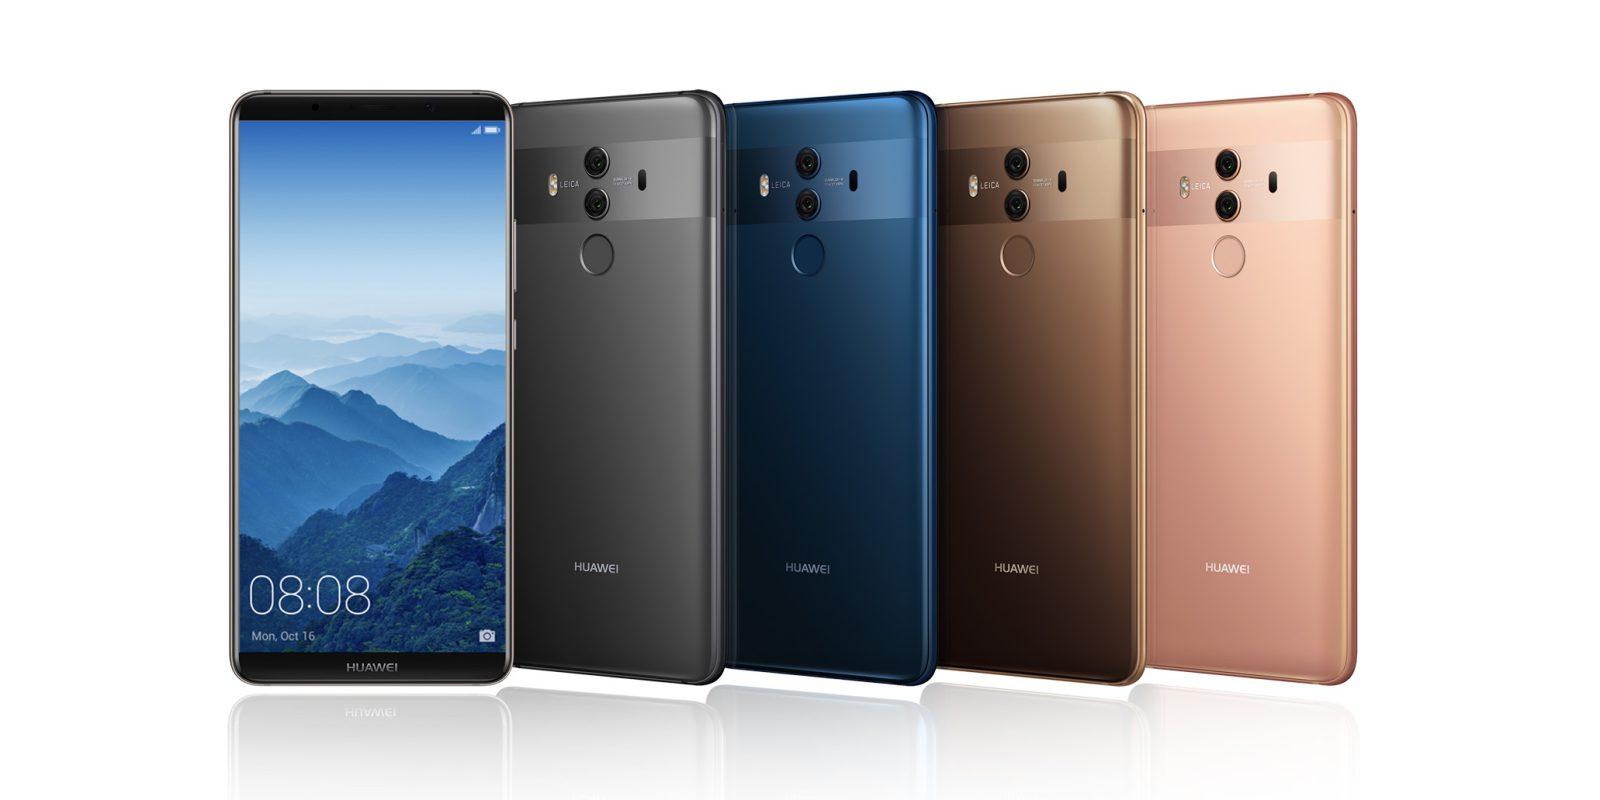 5_phones_instead_iphone_x_huawei_mate_pro_10_lauren_blog_1.jpg